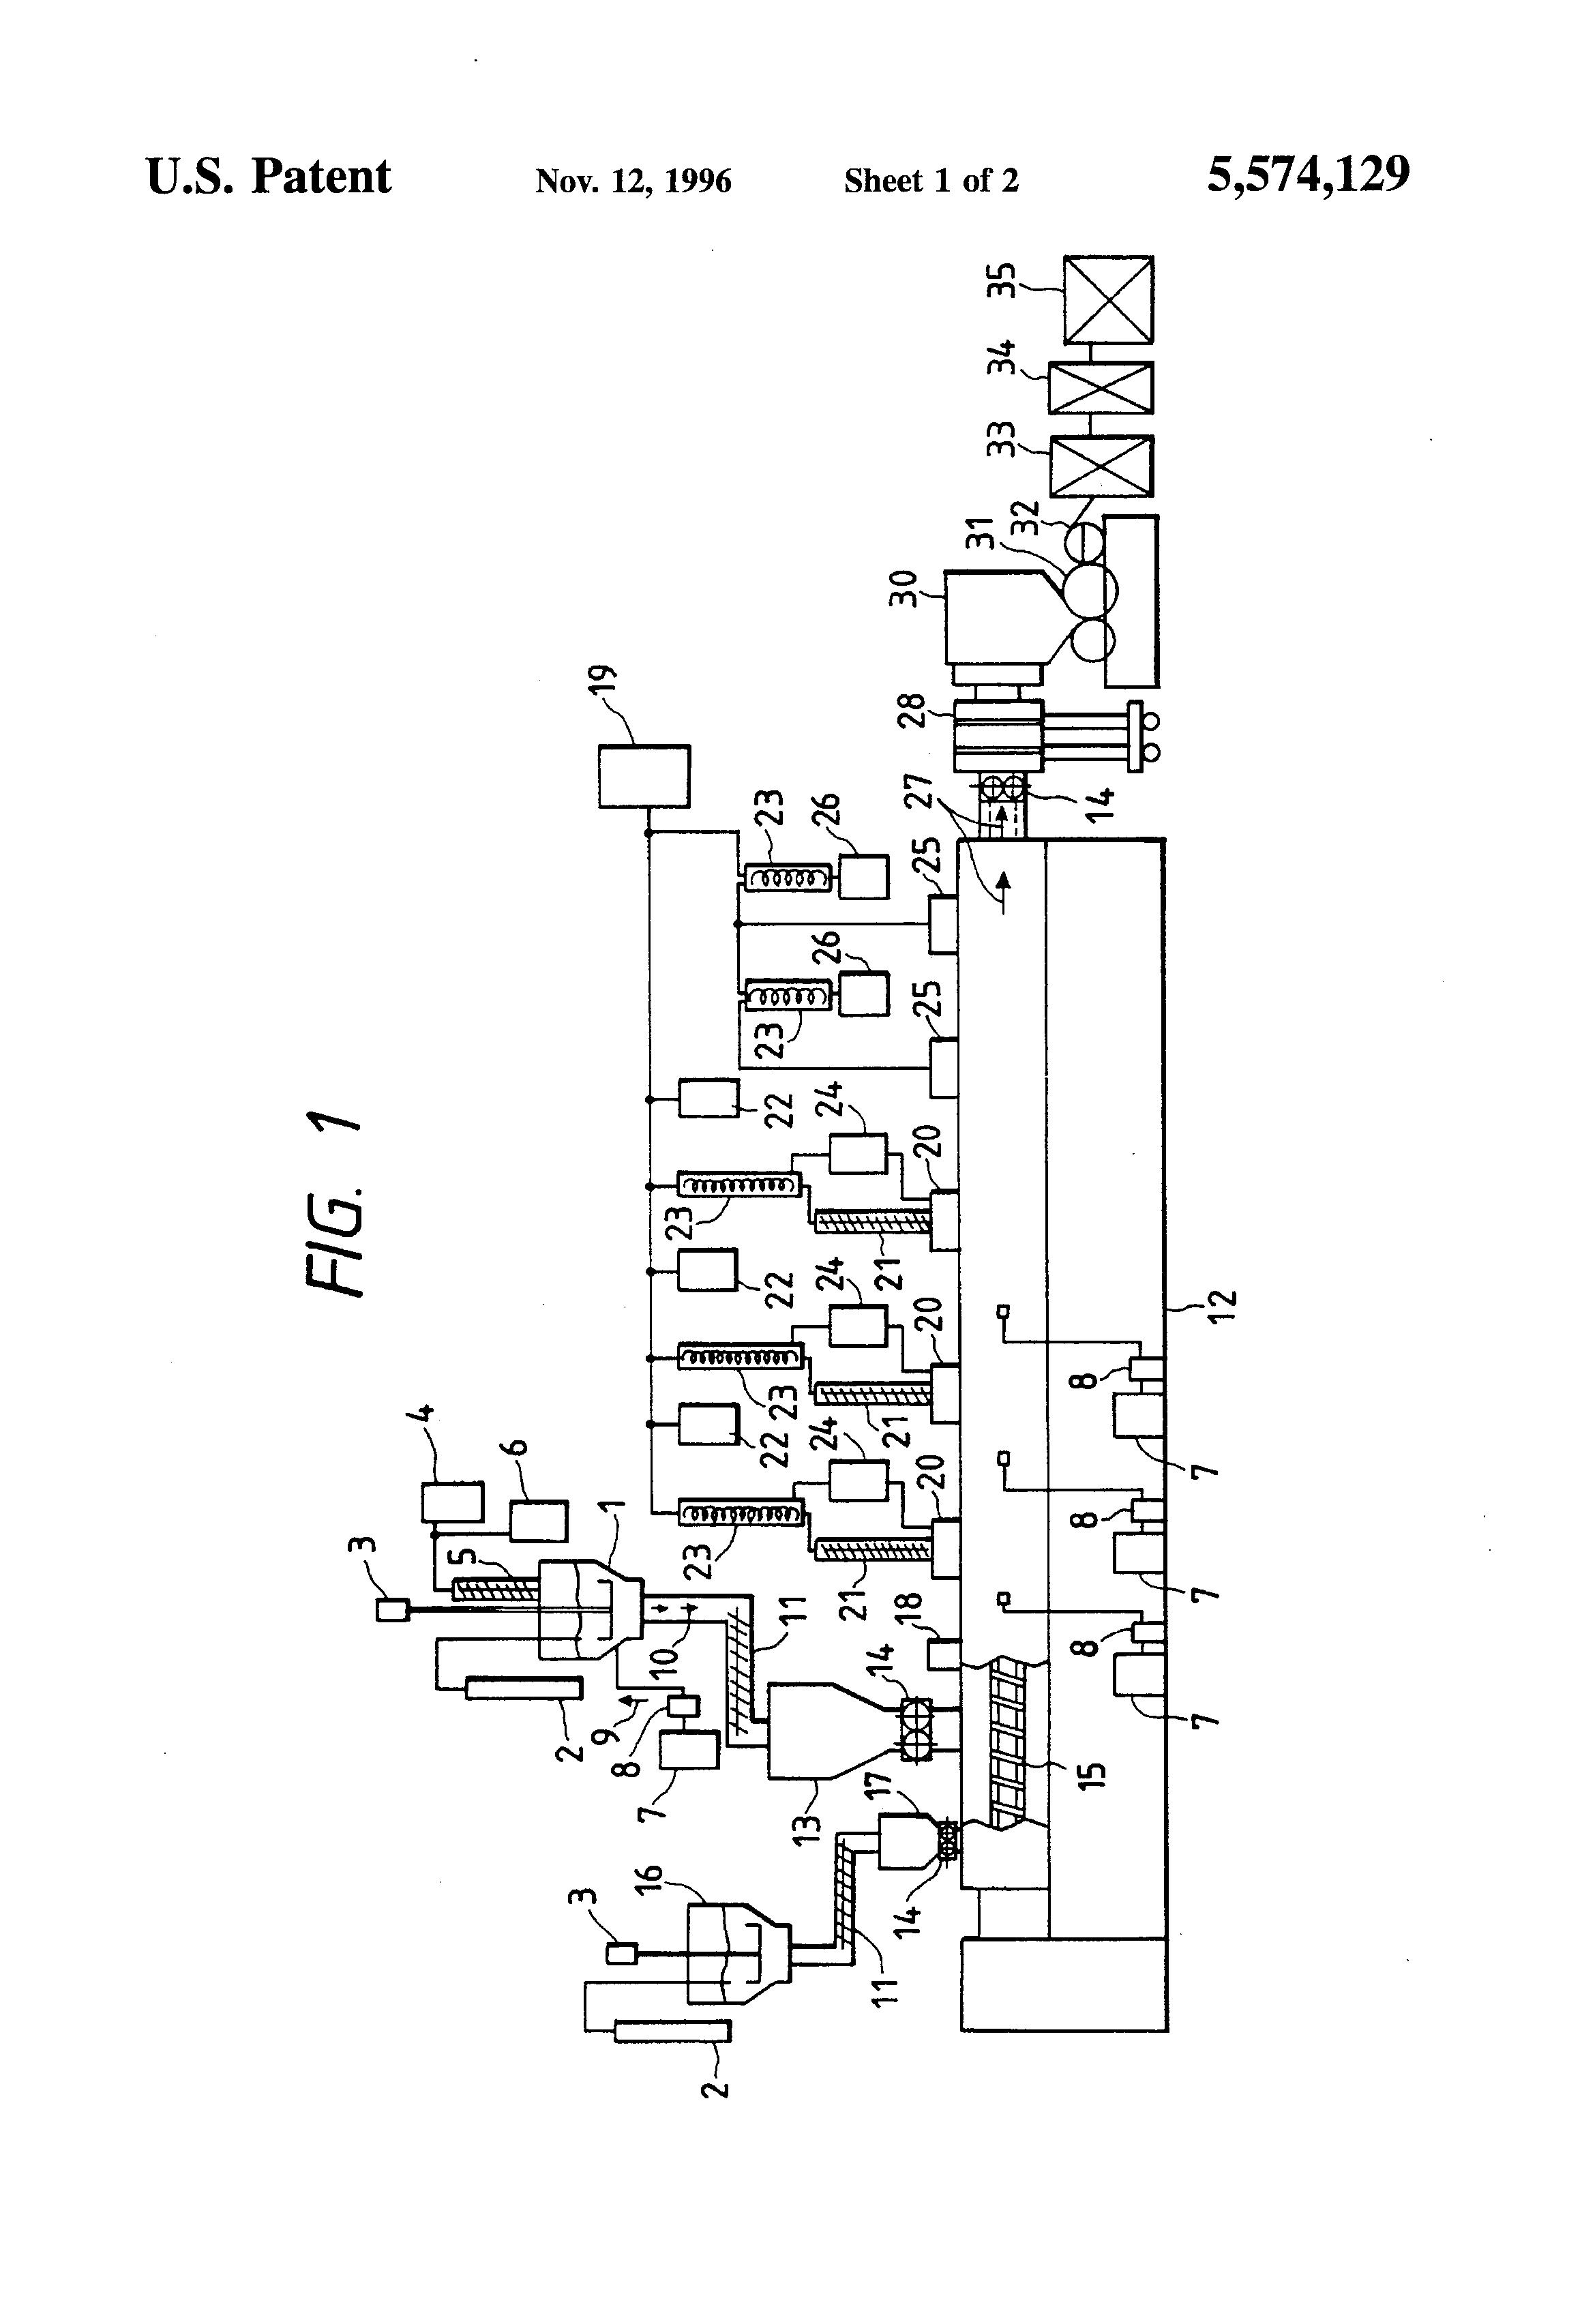 01 chevy wiring schematic 5 3l wiring diagram pro wiring diagram  5 3l wiring diagram pro wiring diagram